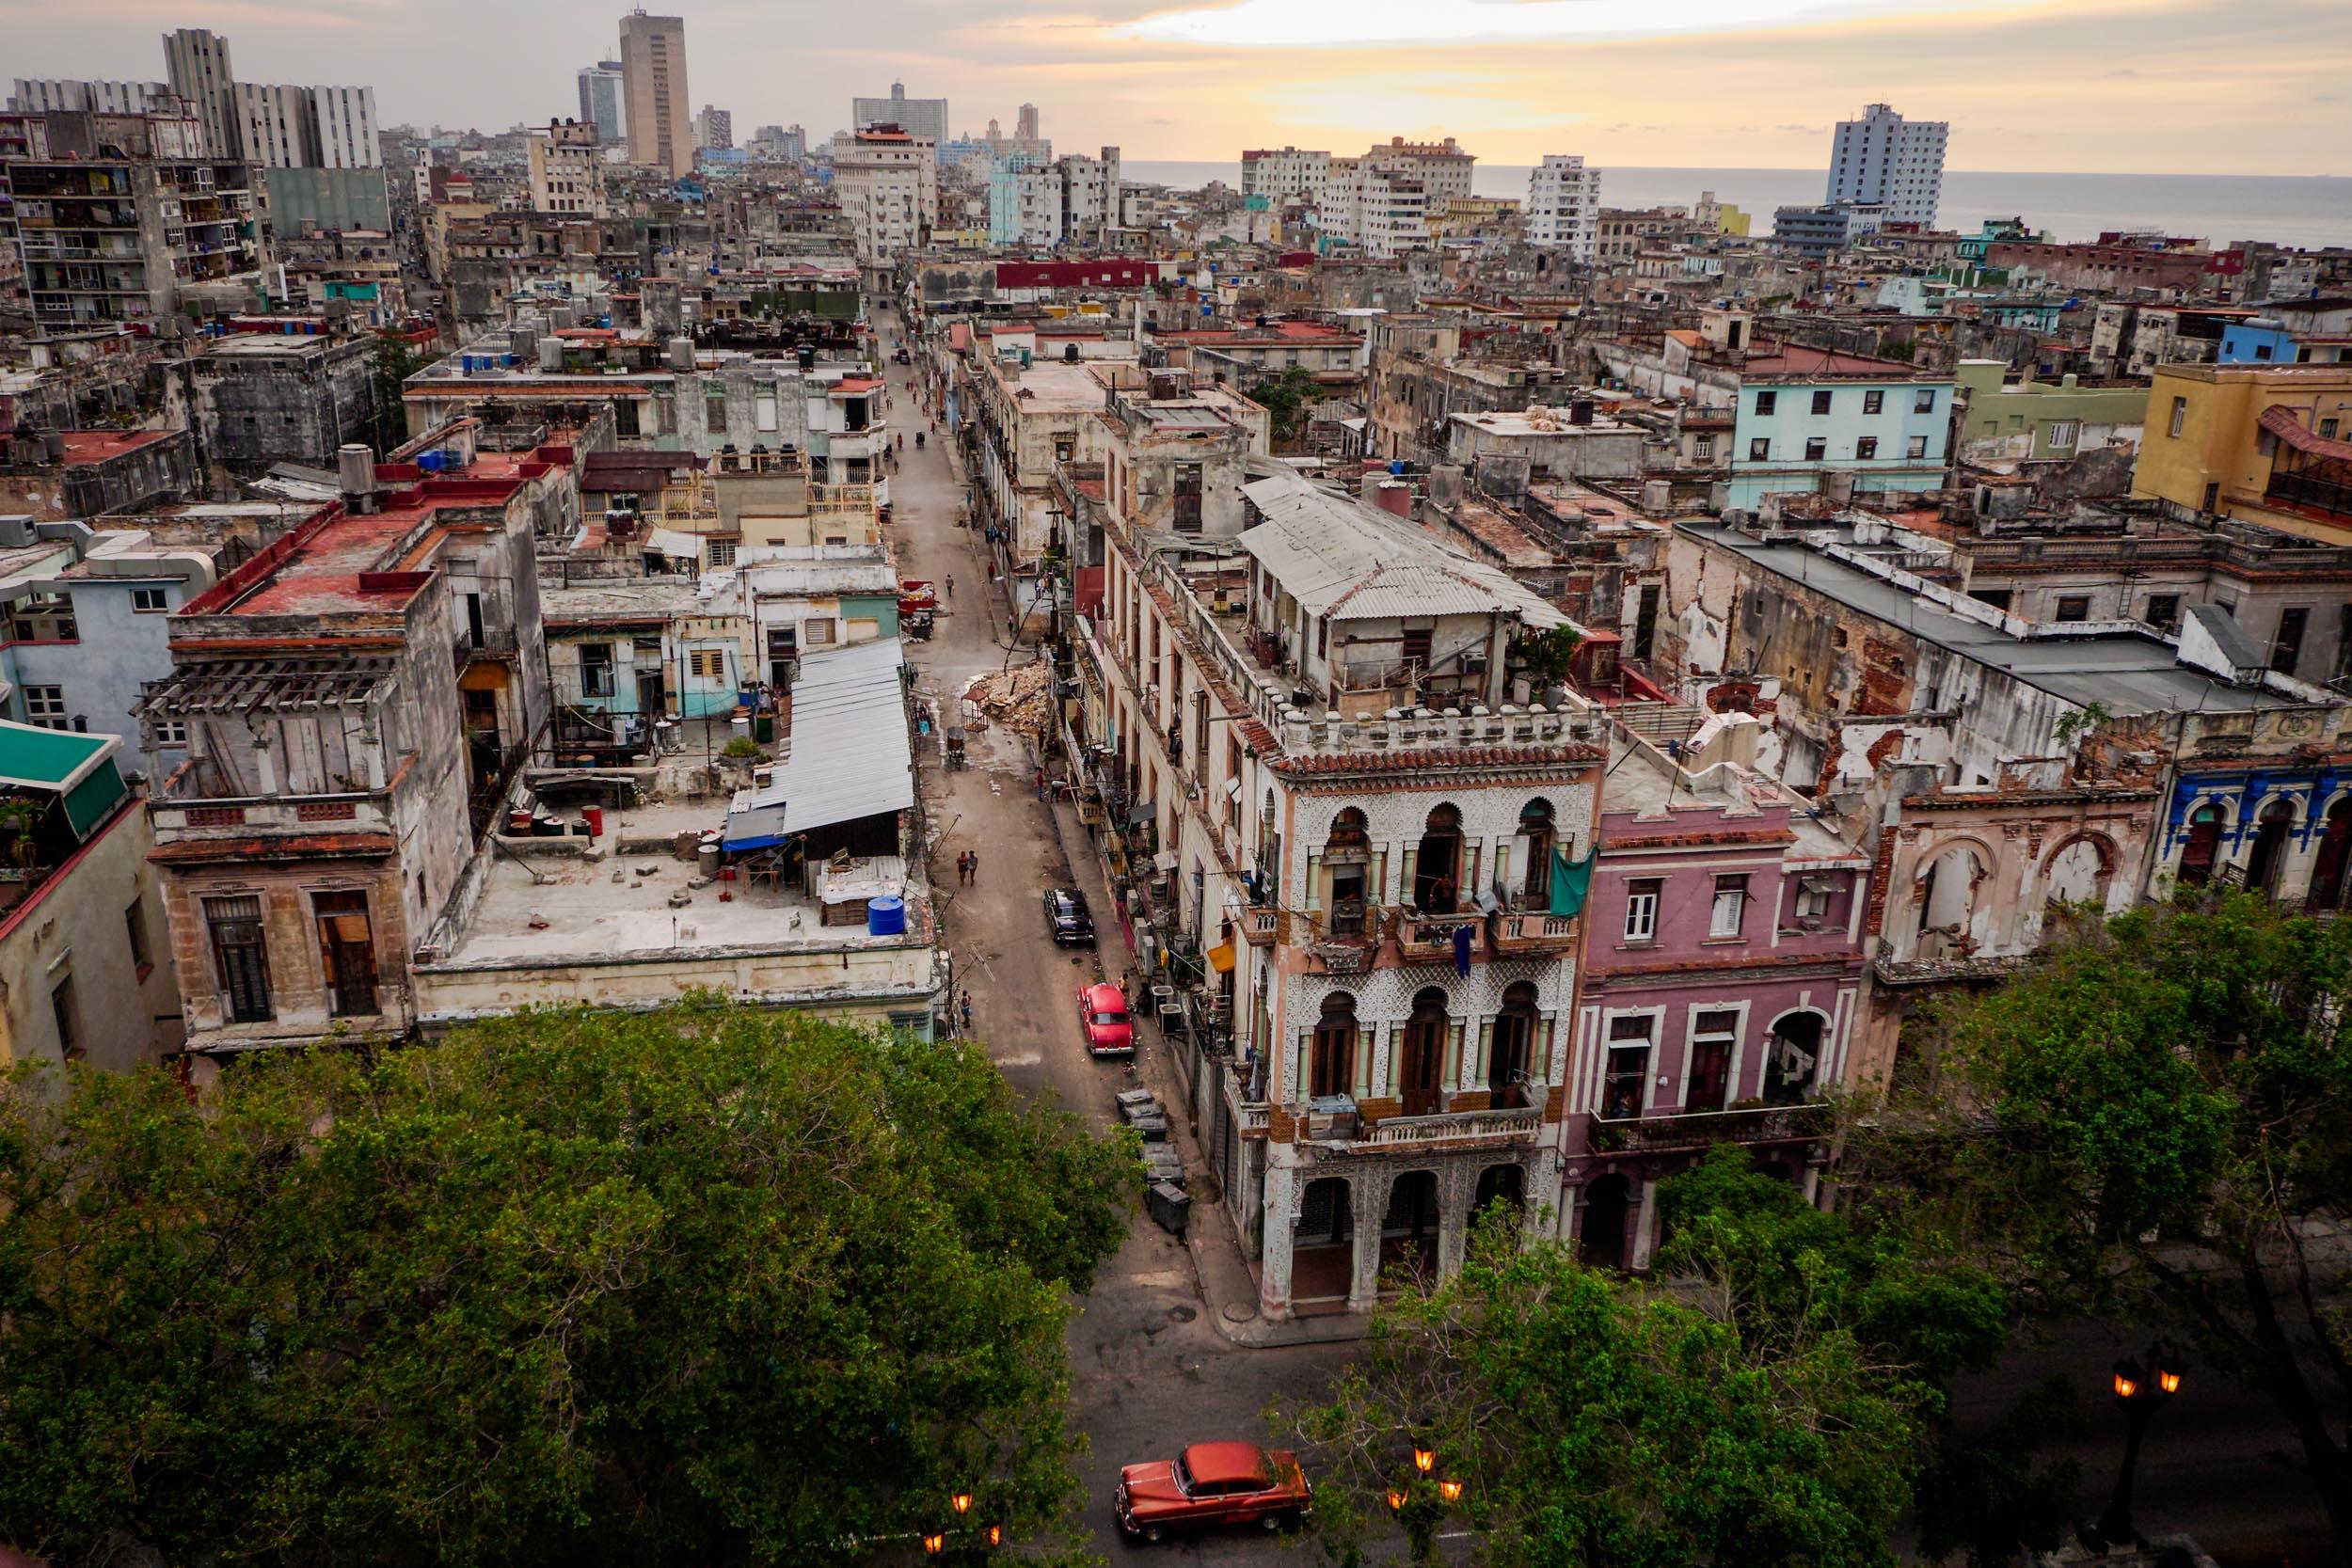 2015_06_22_DB_Cuba_16399.jpg